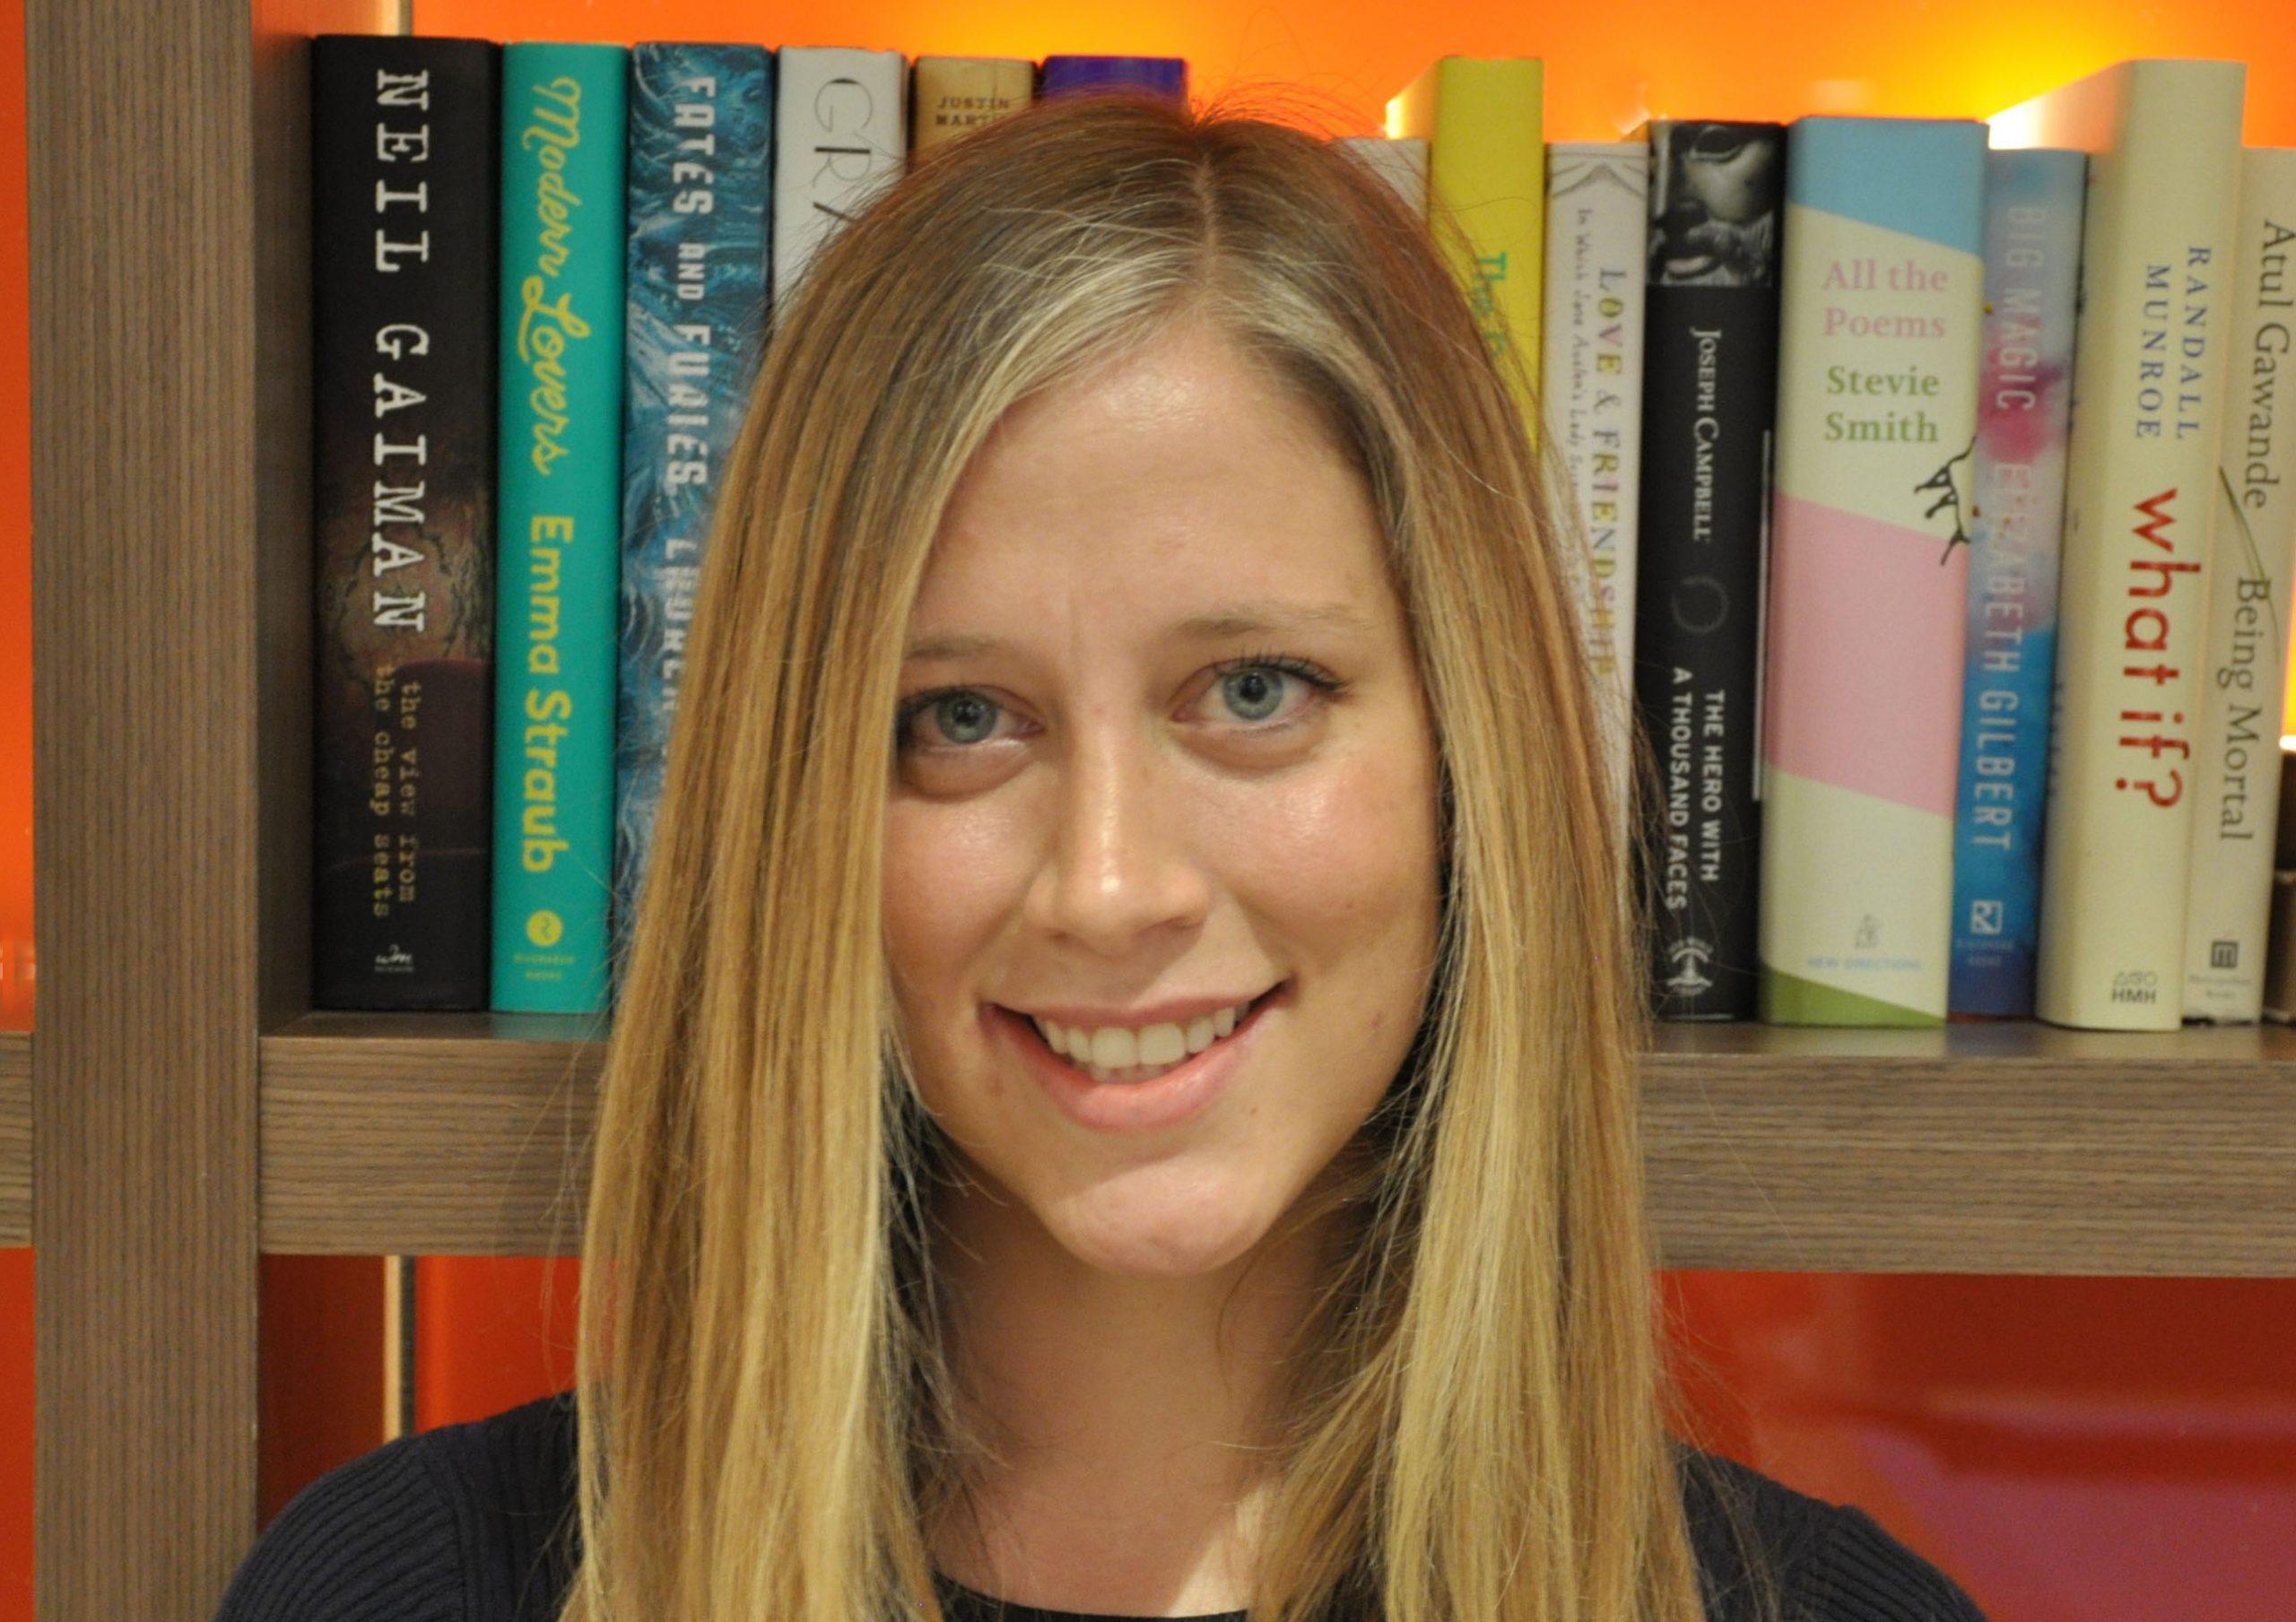 Lauren Saylor